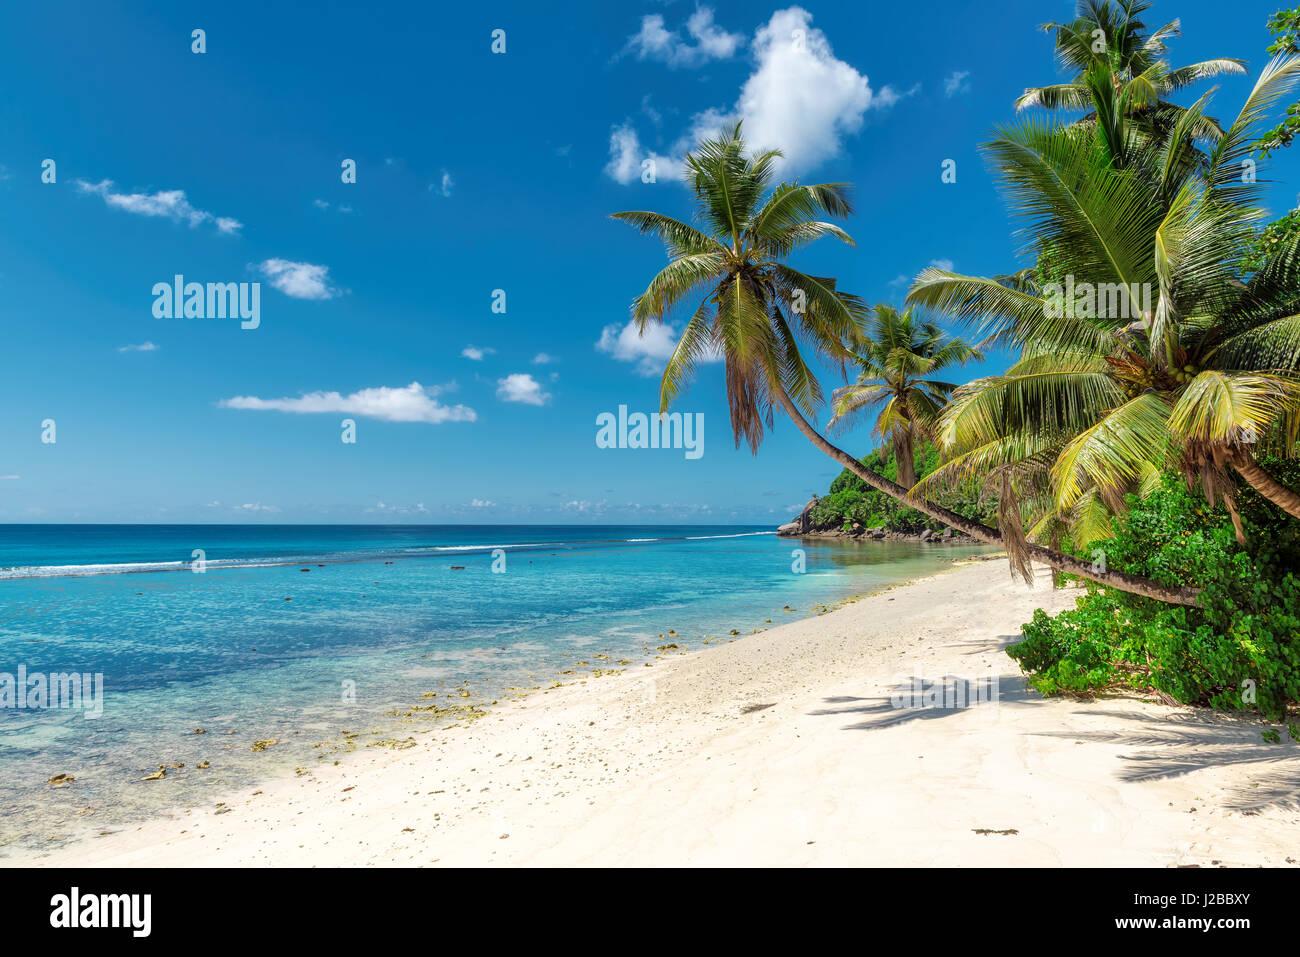 Paradise tropical ocean Plage avec sable blanc, eau turquoise transparente et la noix de coco palmier en journée Photo Stock